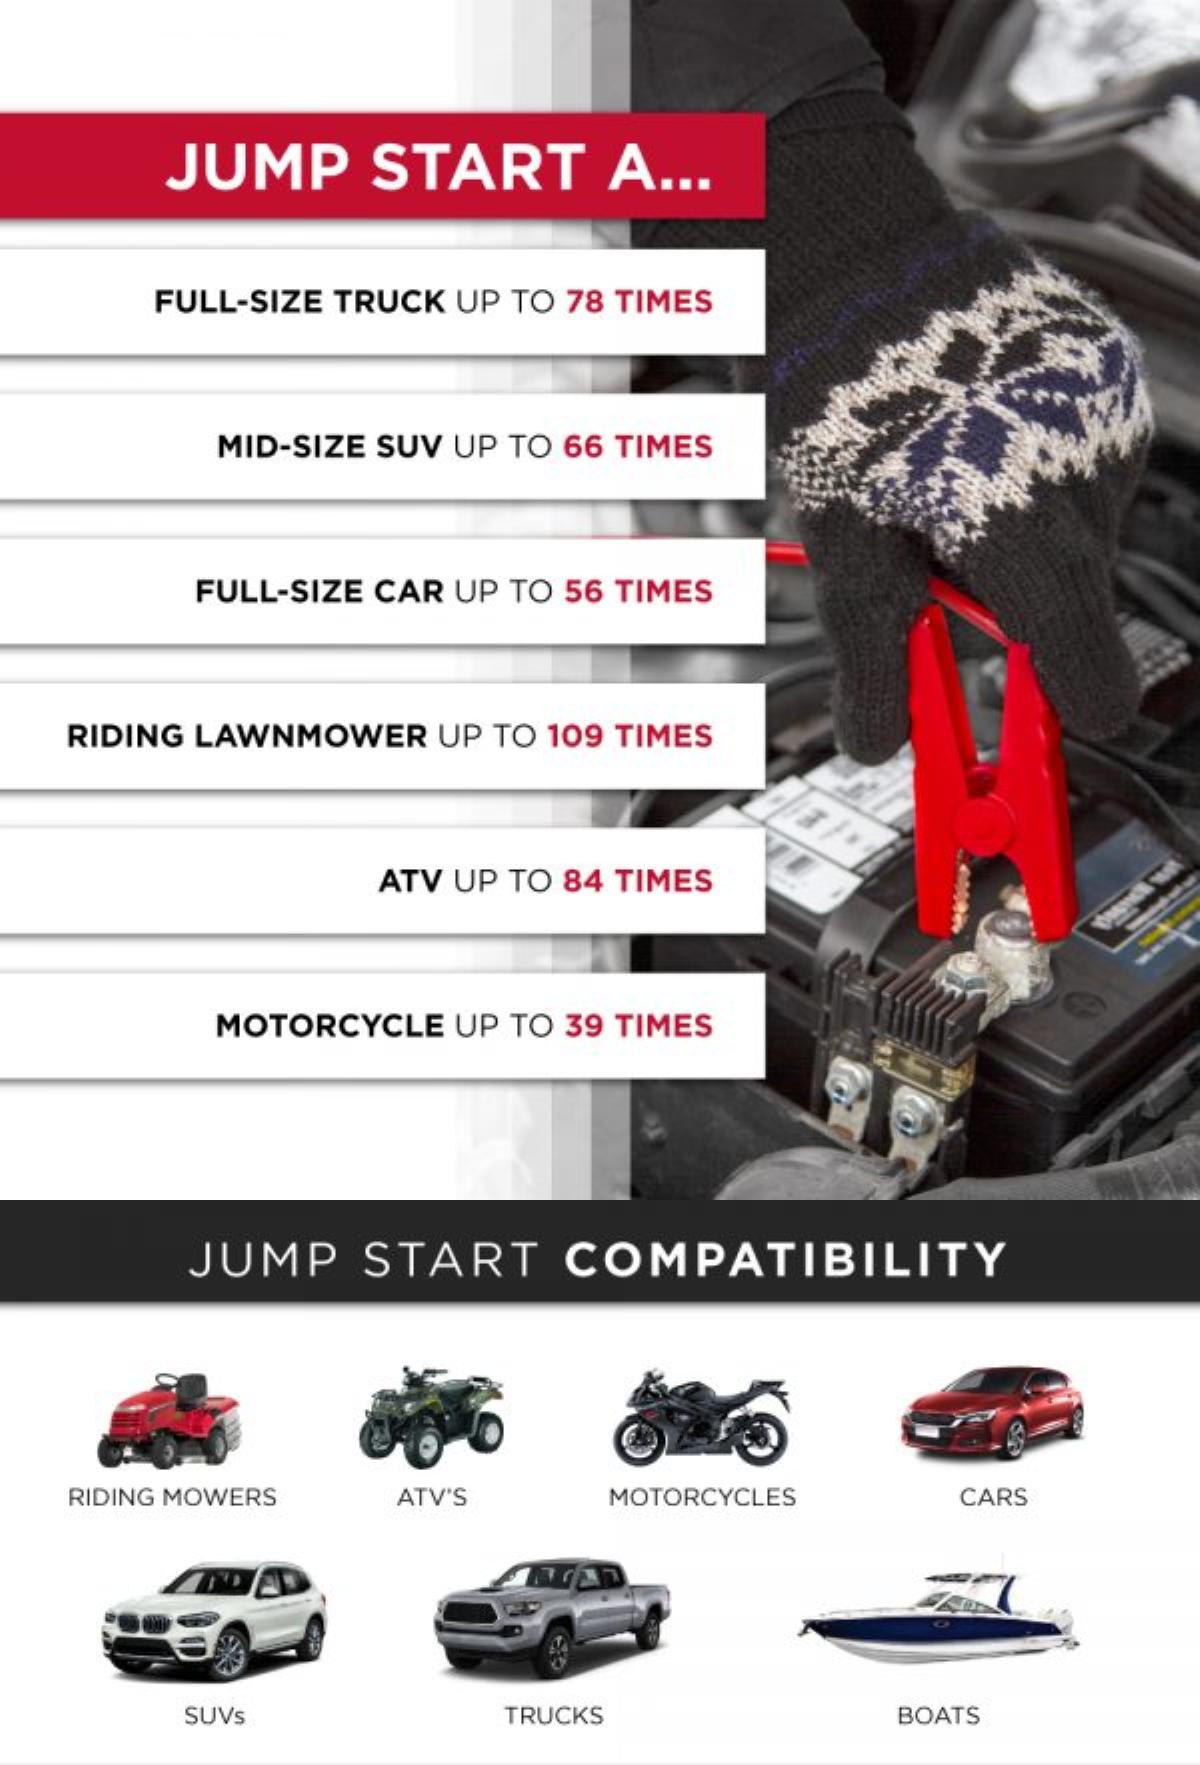 Jumpsmart - As a Vehicle Jump Starter